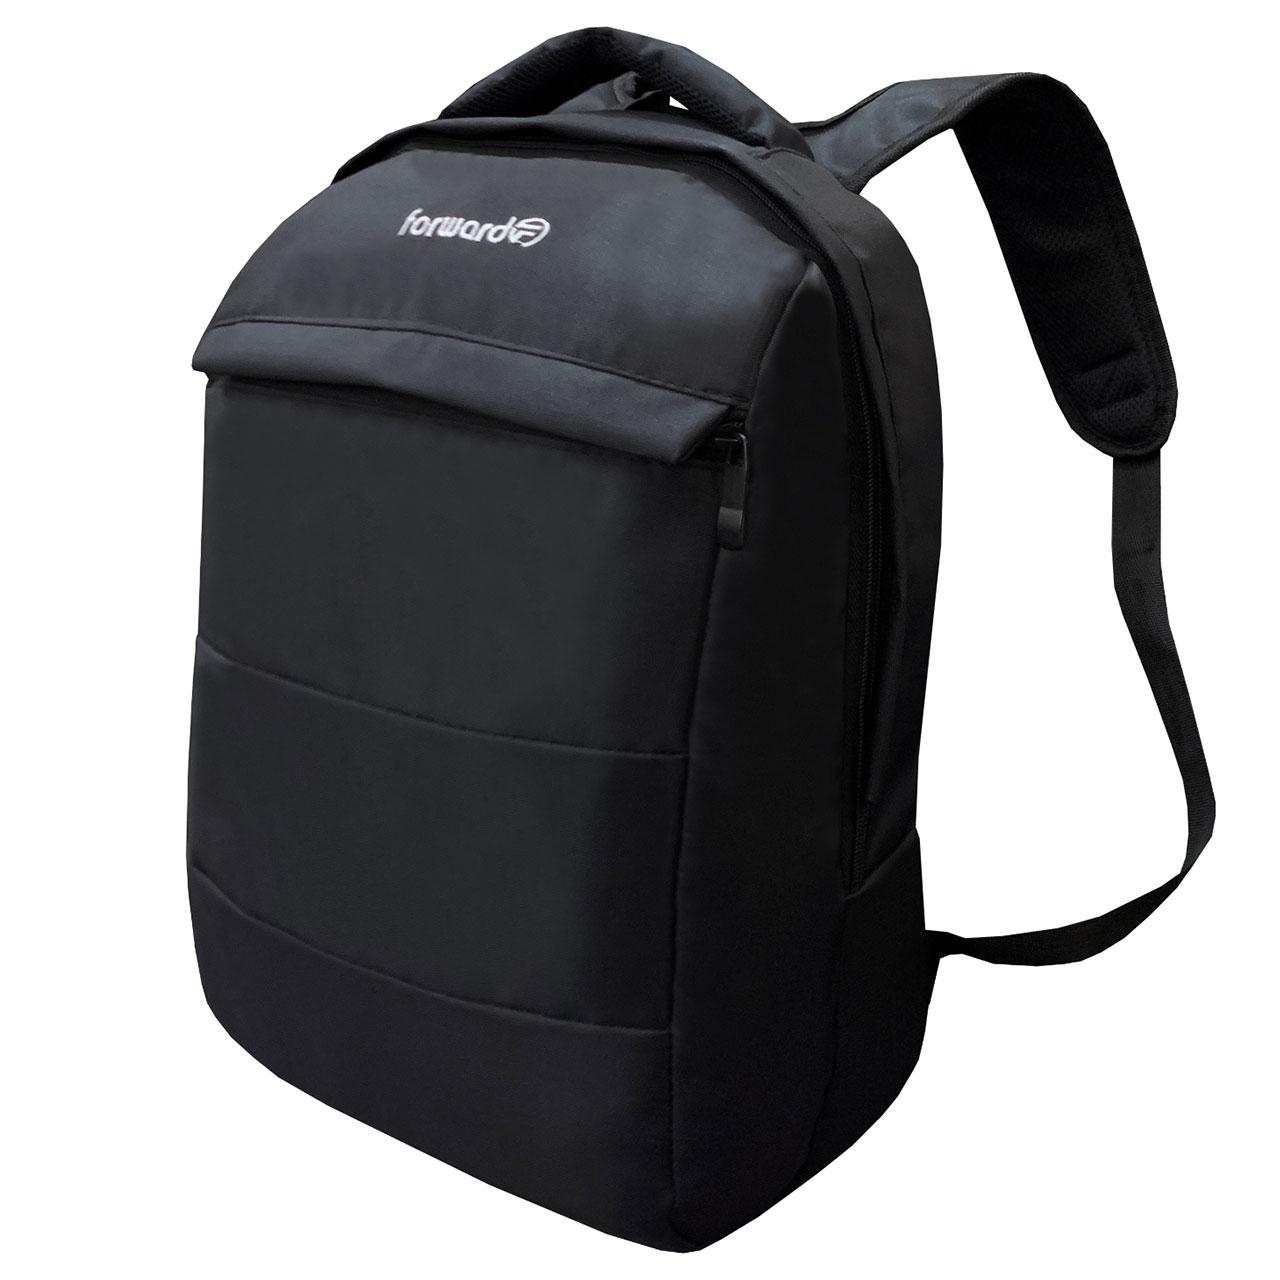 کوله پشتی لپ تاپ فوروارد مدل FCLT8899 مناسب برای لپ تاپ 16.4 اینچی